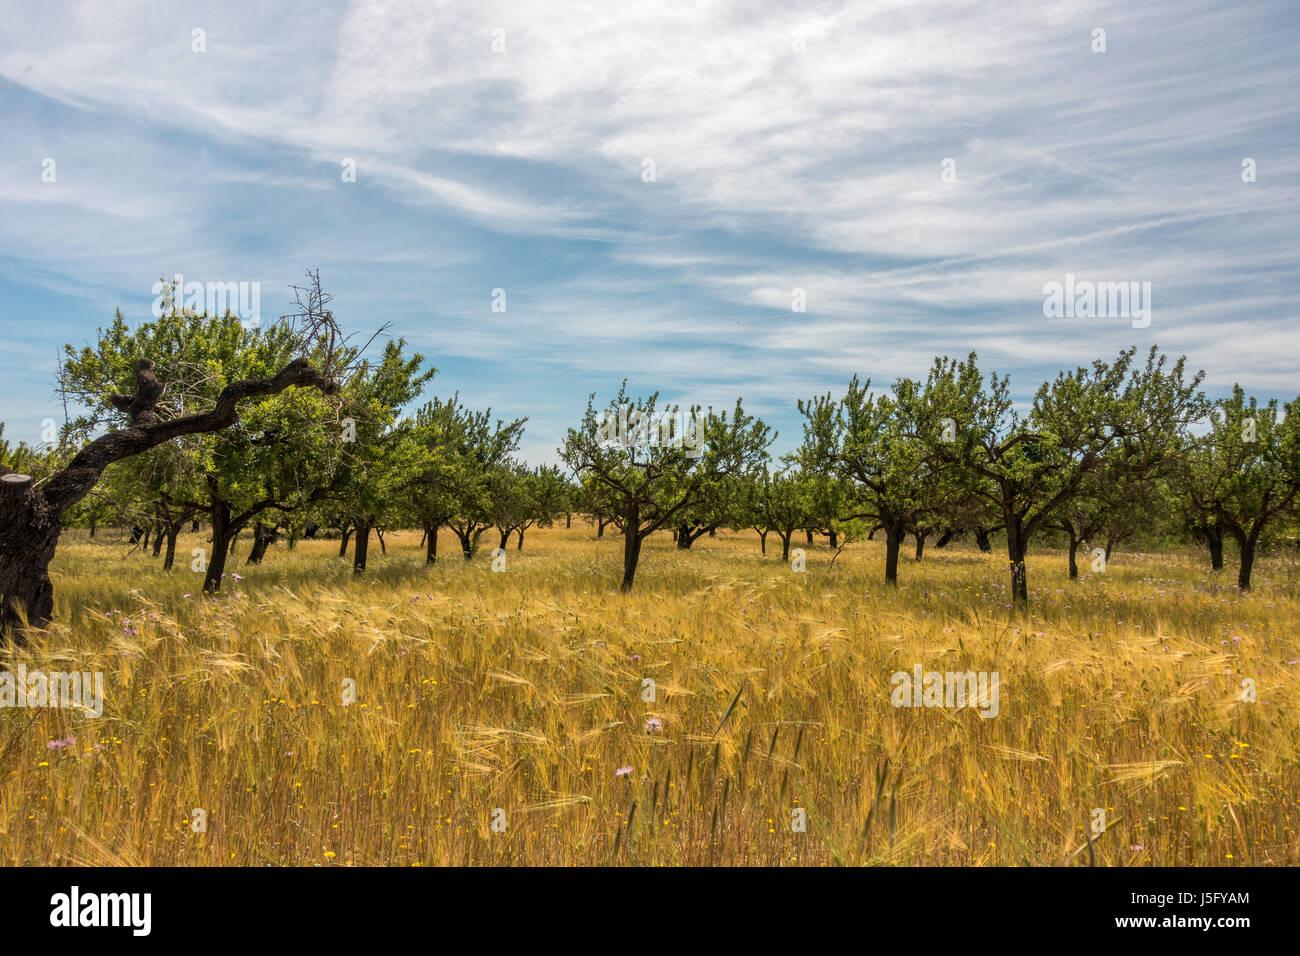 Agricoltura in Mallorca con alberi e cereali essendo cresciuto, Maiorca, isole Baleari, Spagna Immagini Stock